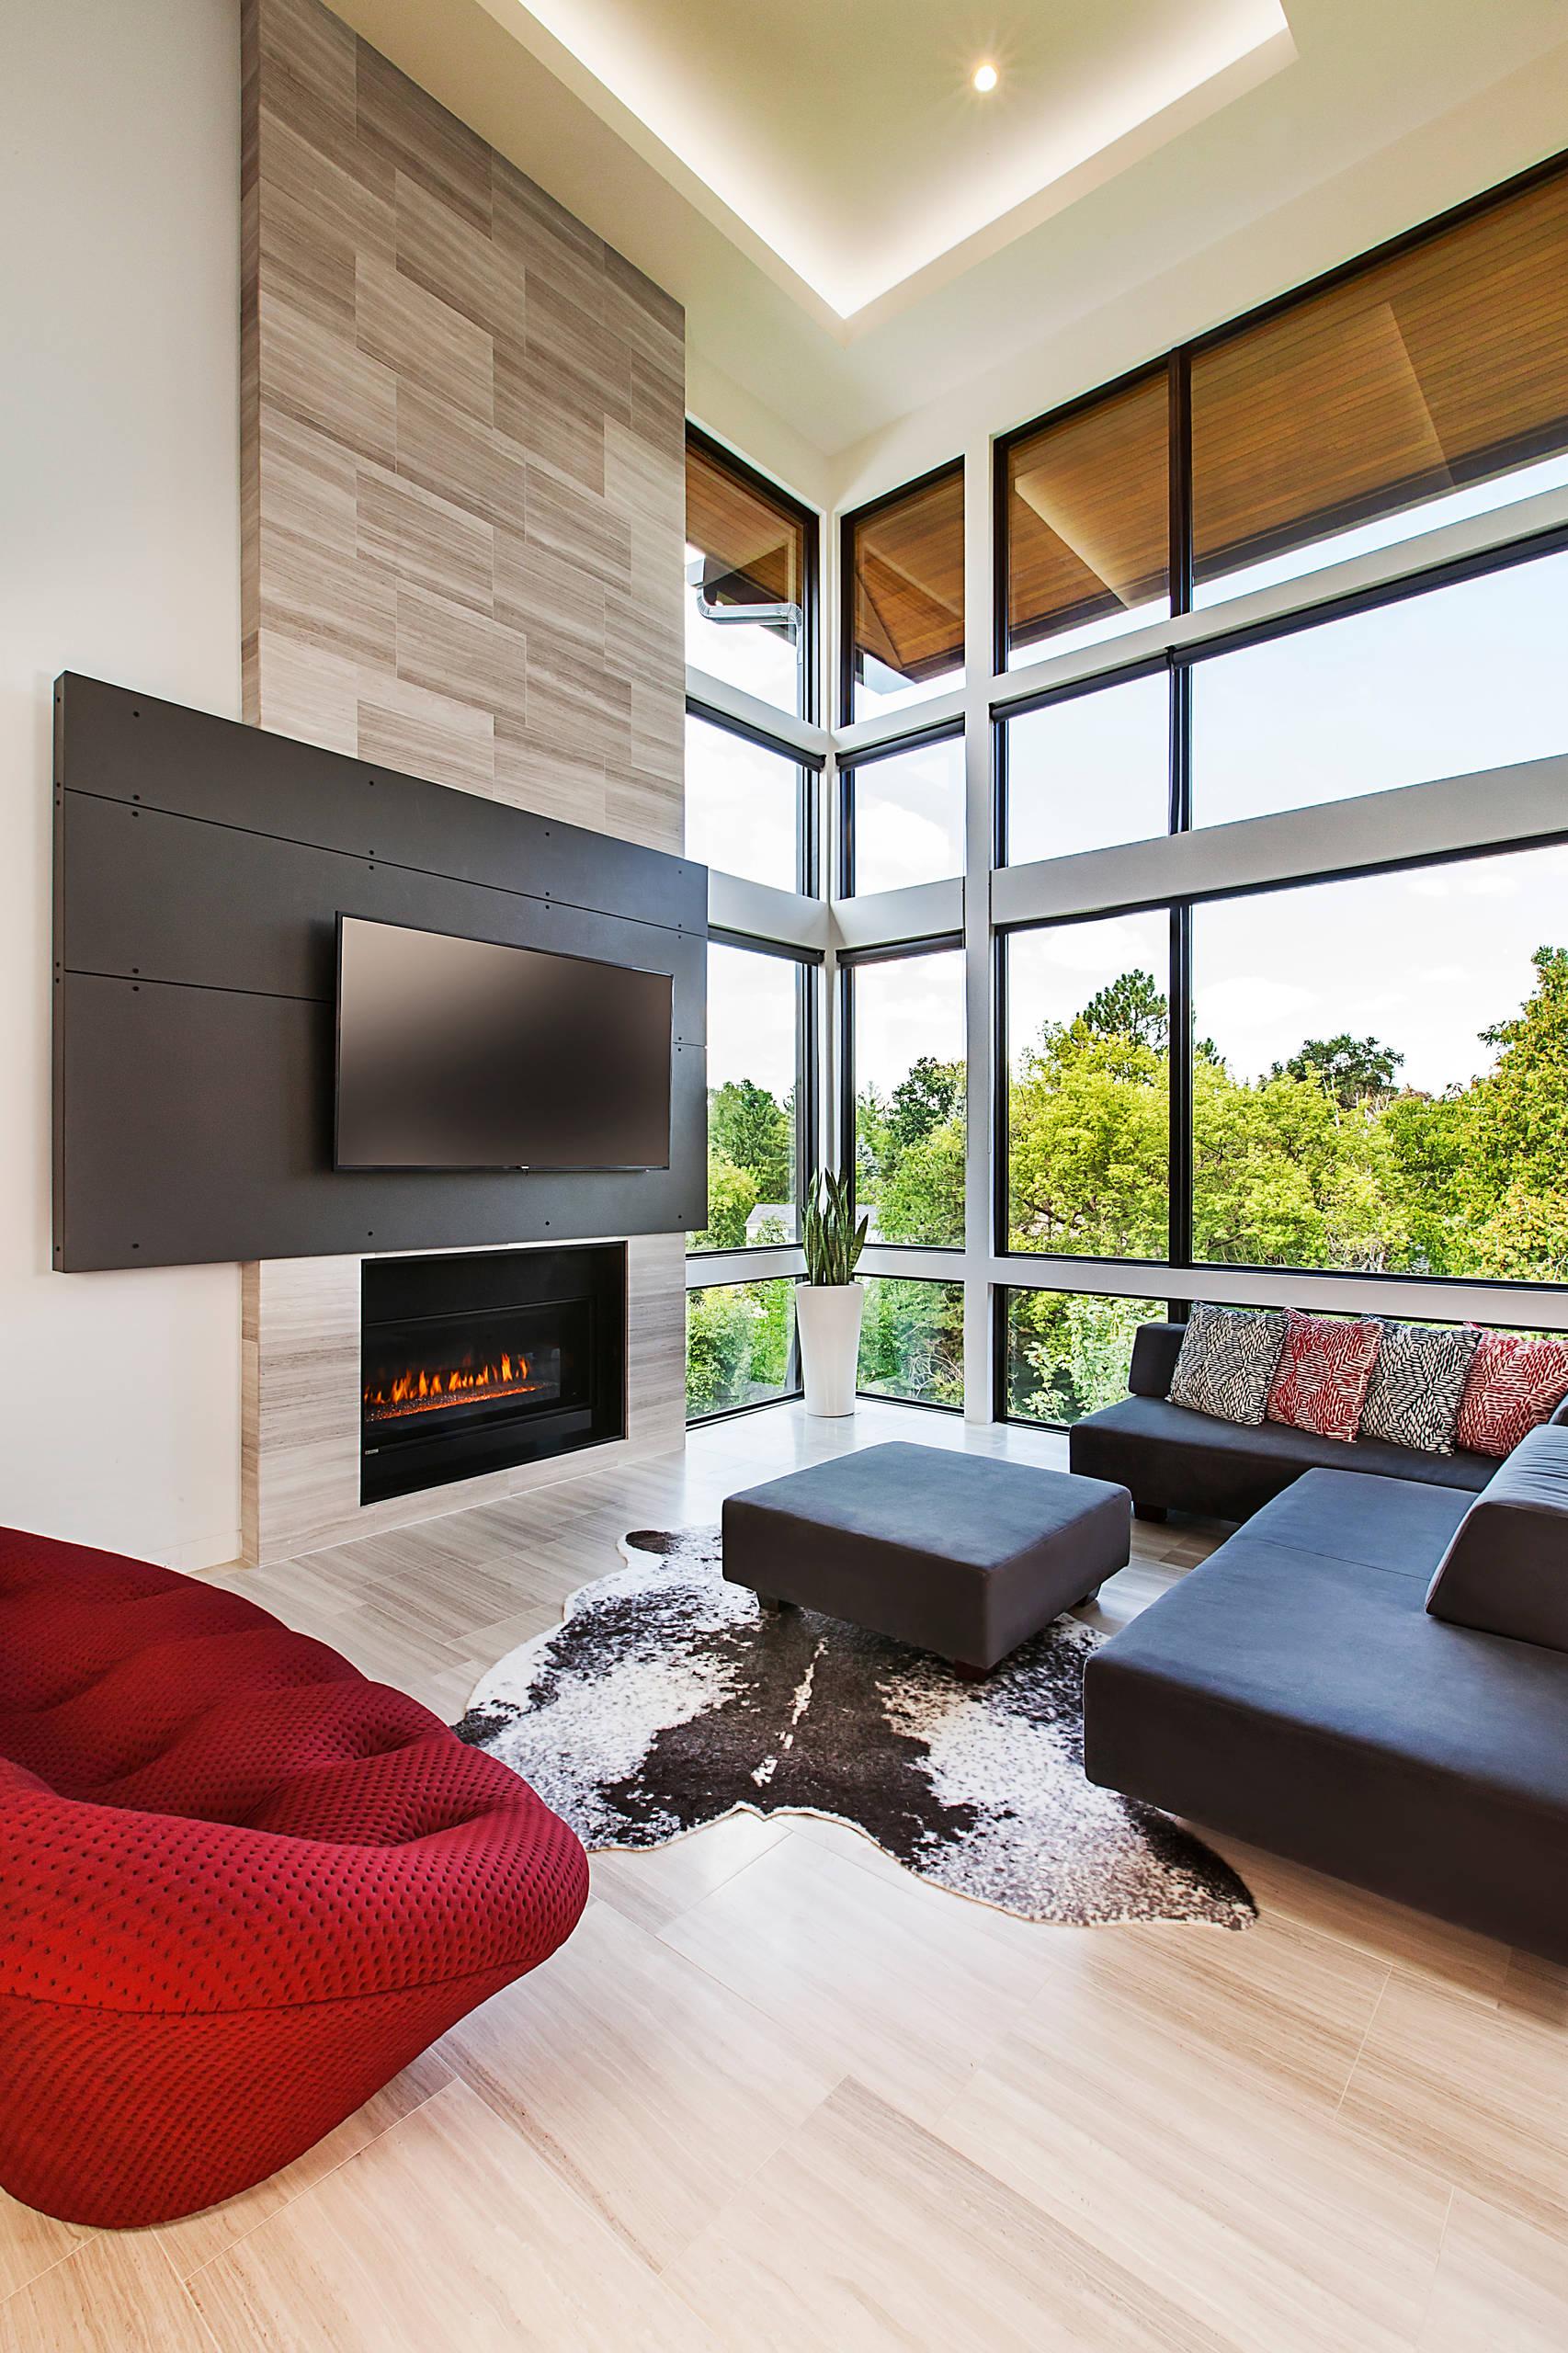 Cowhide Living Room Ideas Photos Houzz